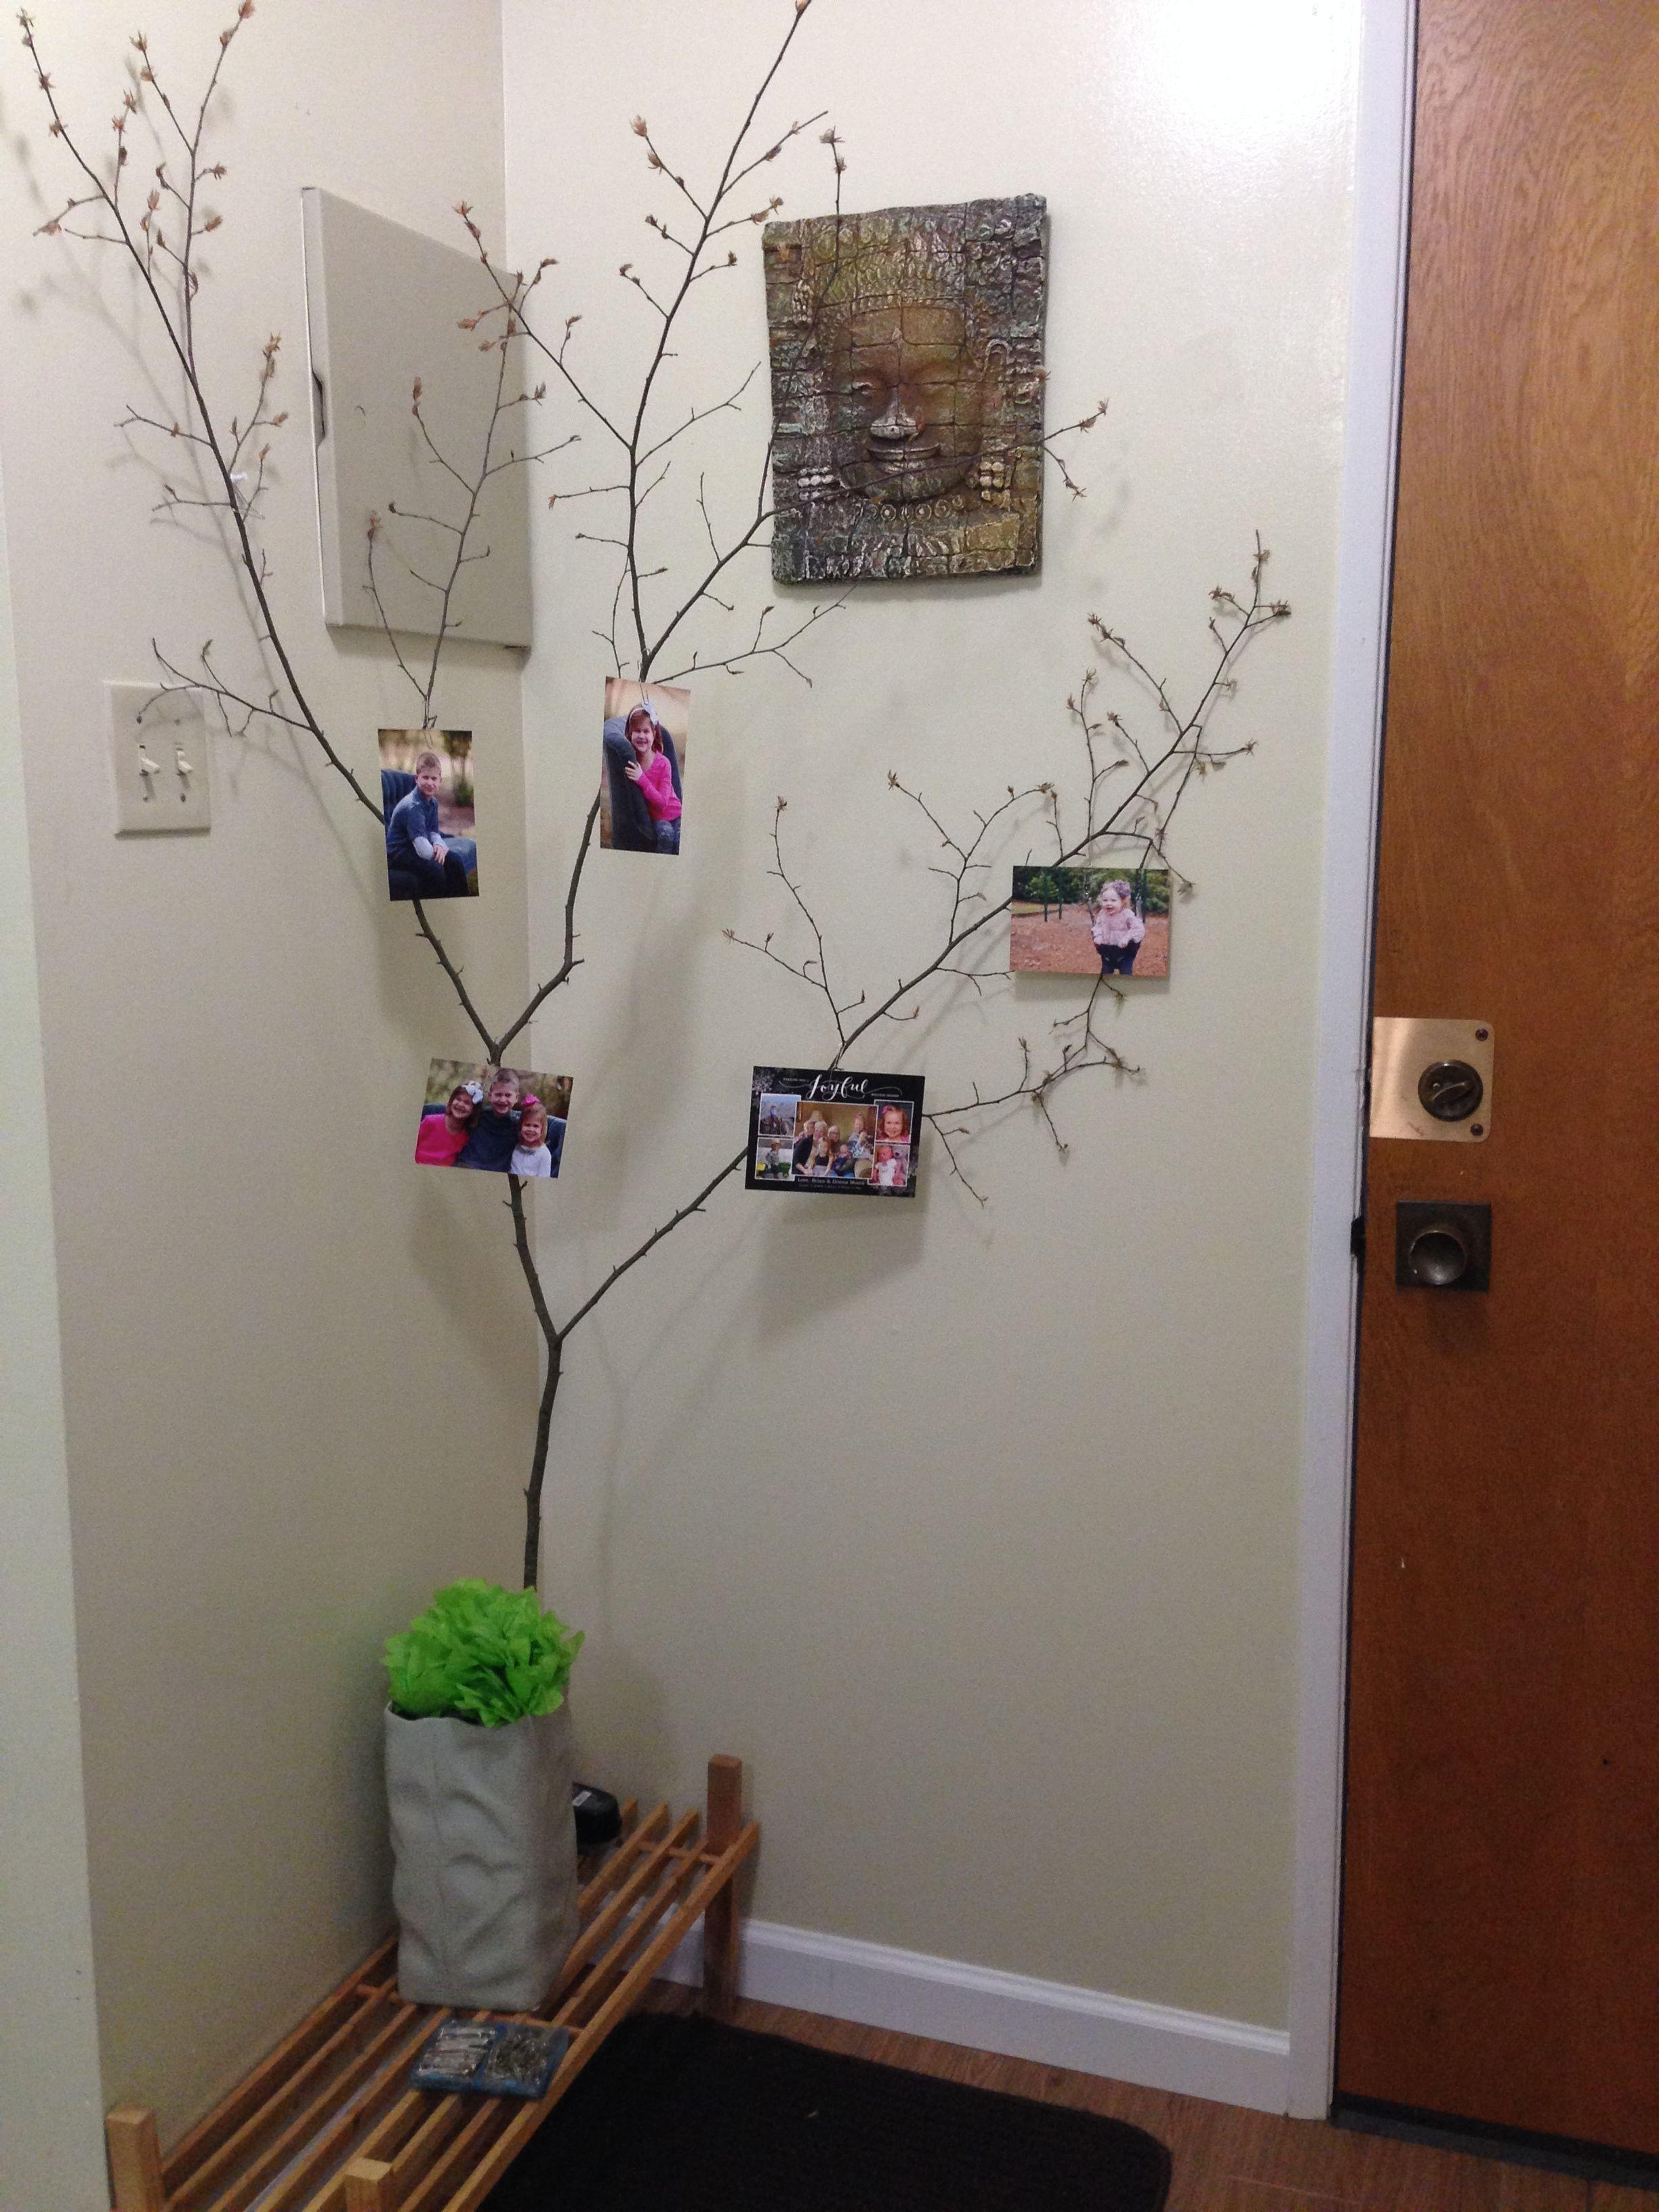 El arbol familiar con ramas secas y fotos ramas secas - Decoracion arboles navidenos ...